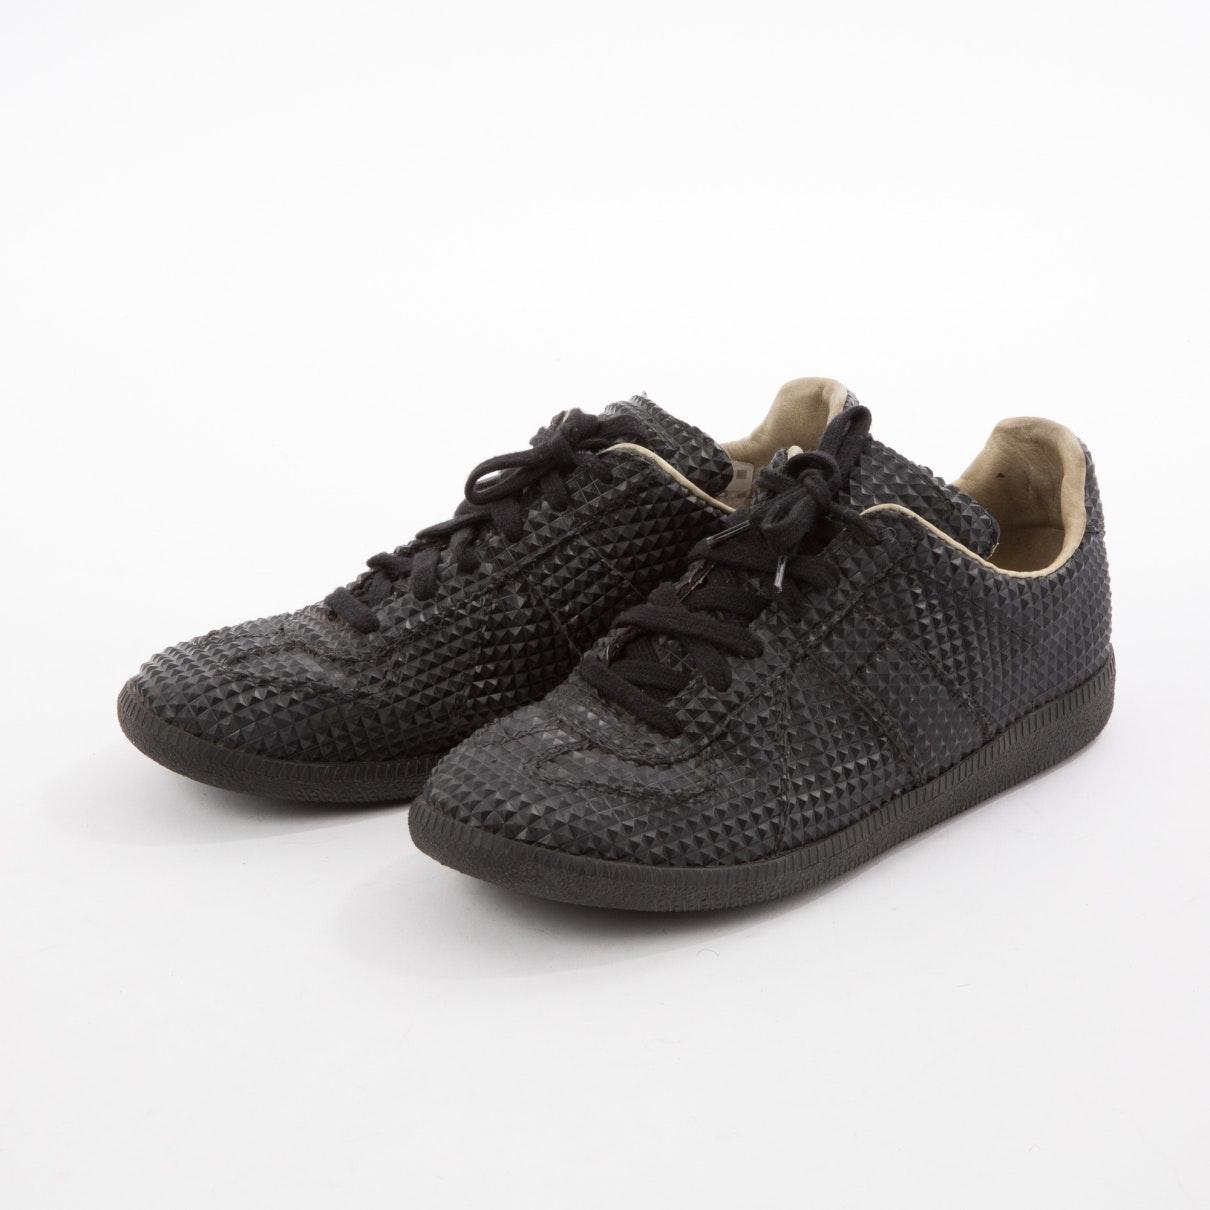 Maison Margiela Leather Black Plastic Trainers for Men